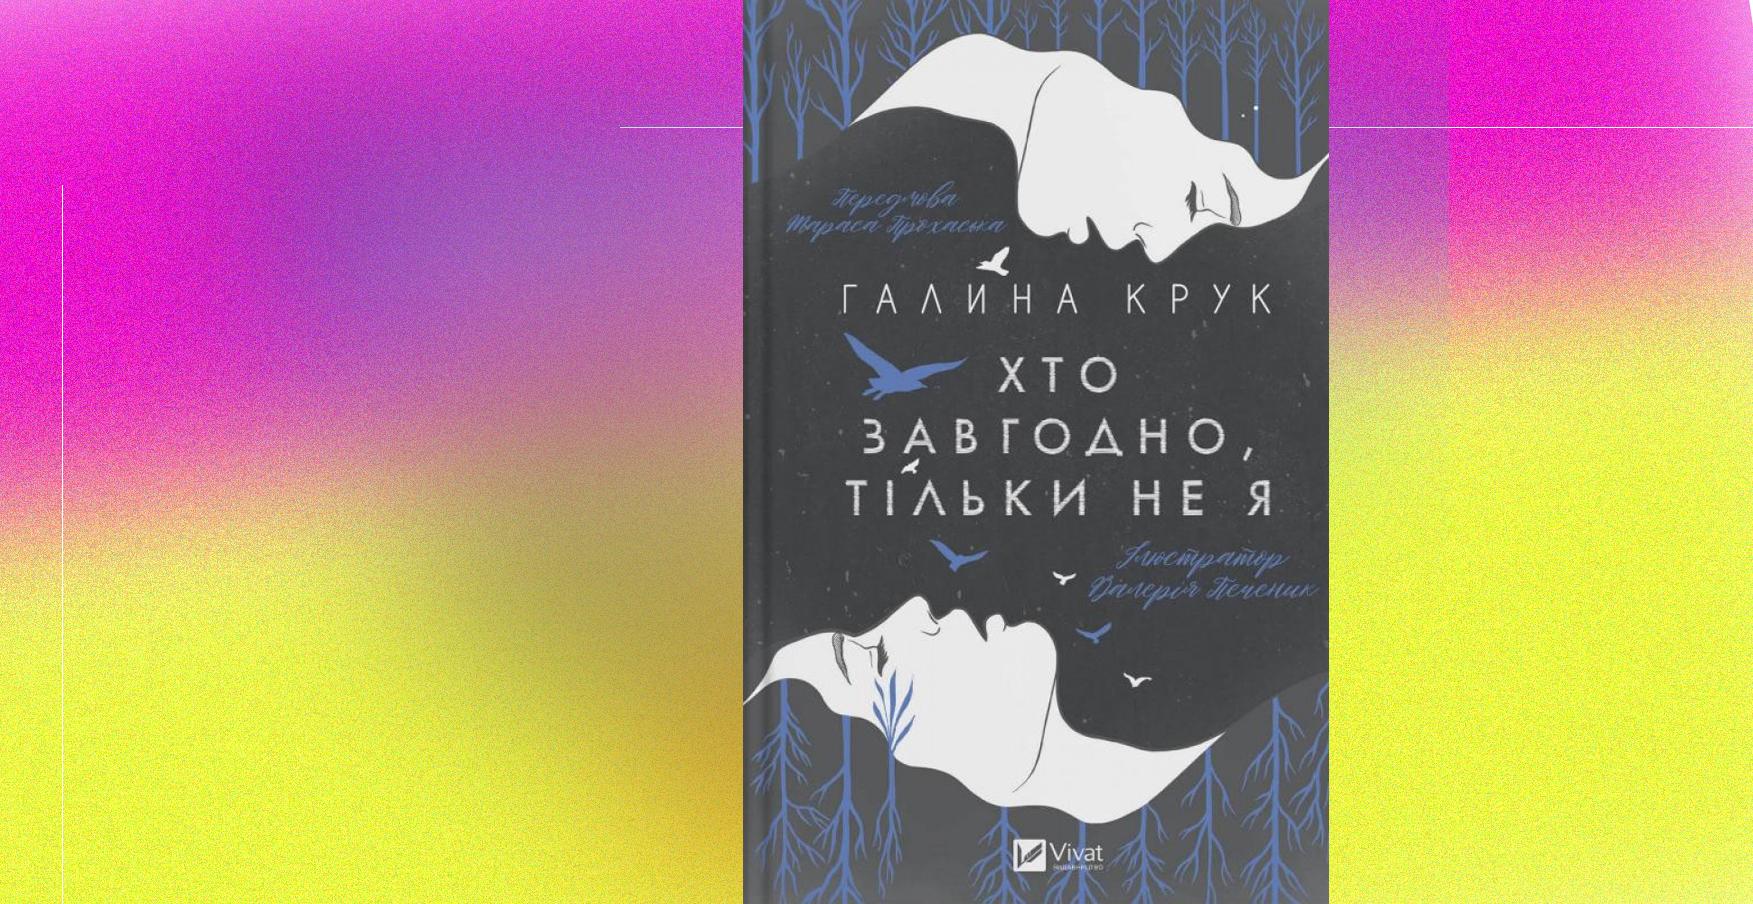 Книга, Хто завгодно, тільки не я, Галина Крук, 978-966-982-011-2